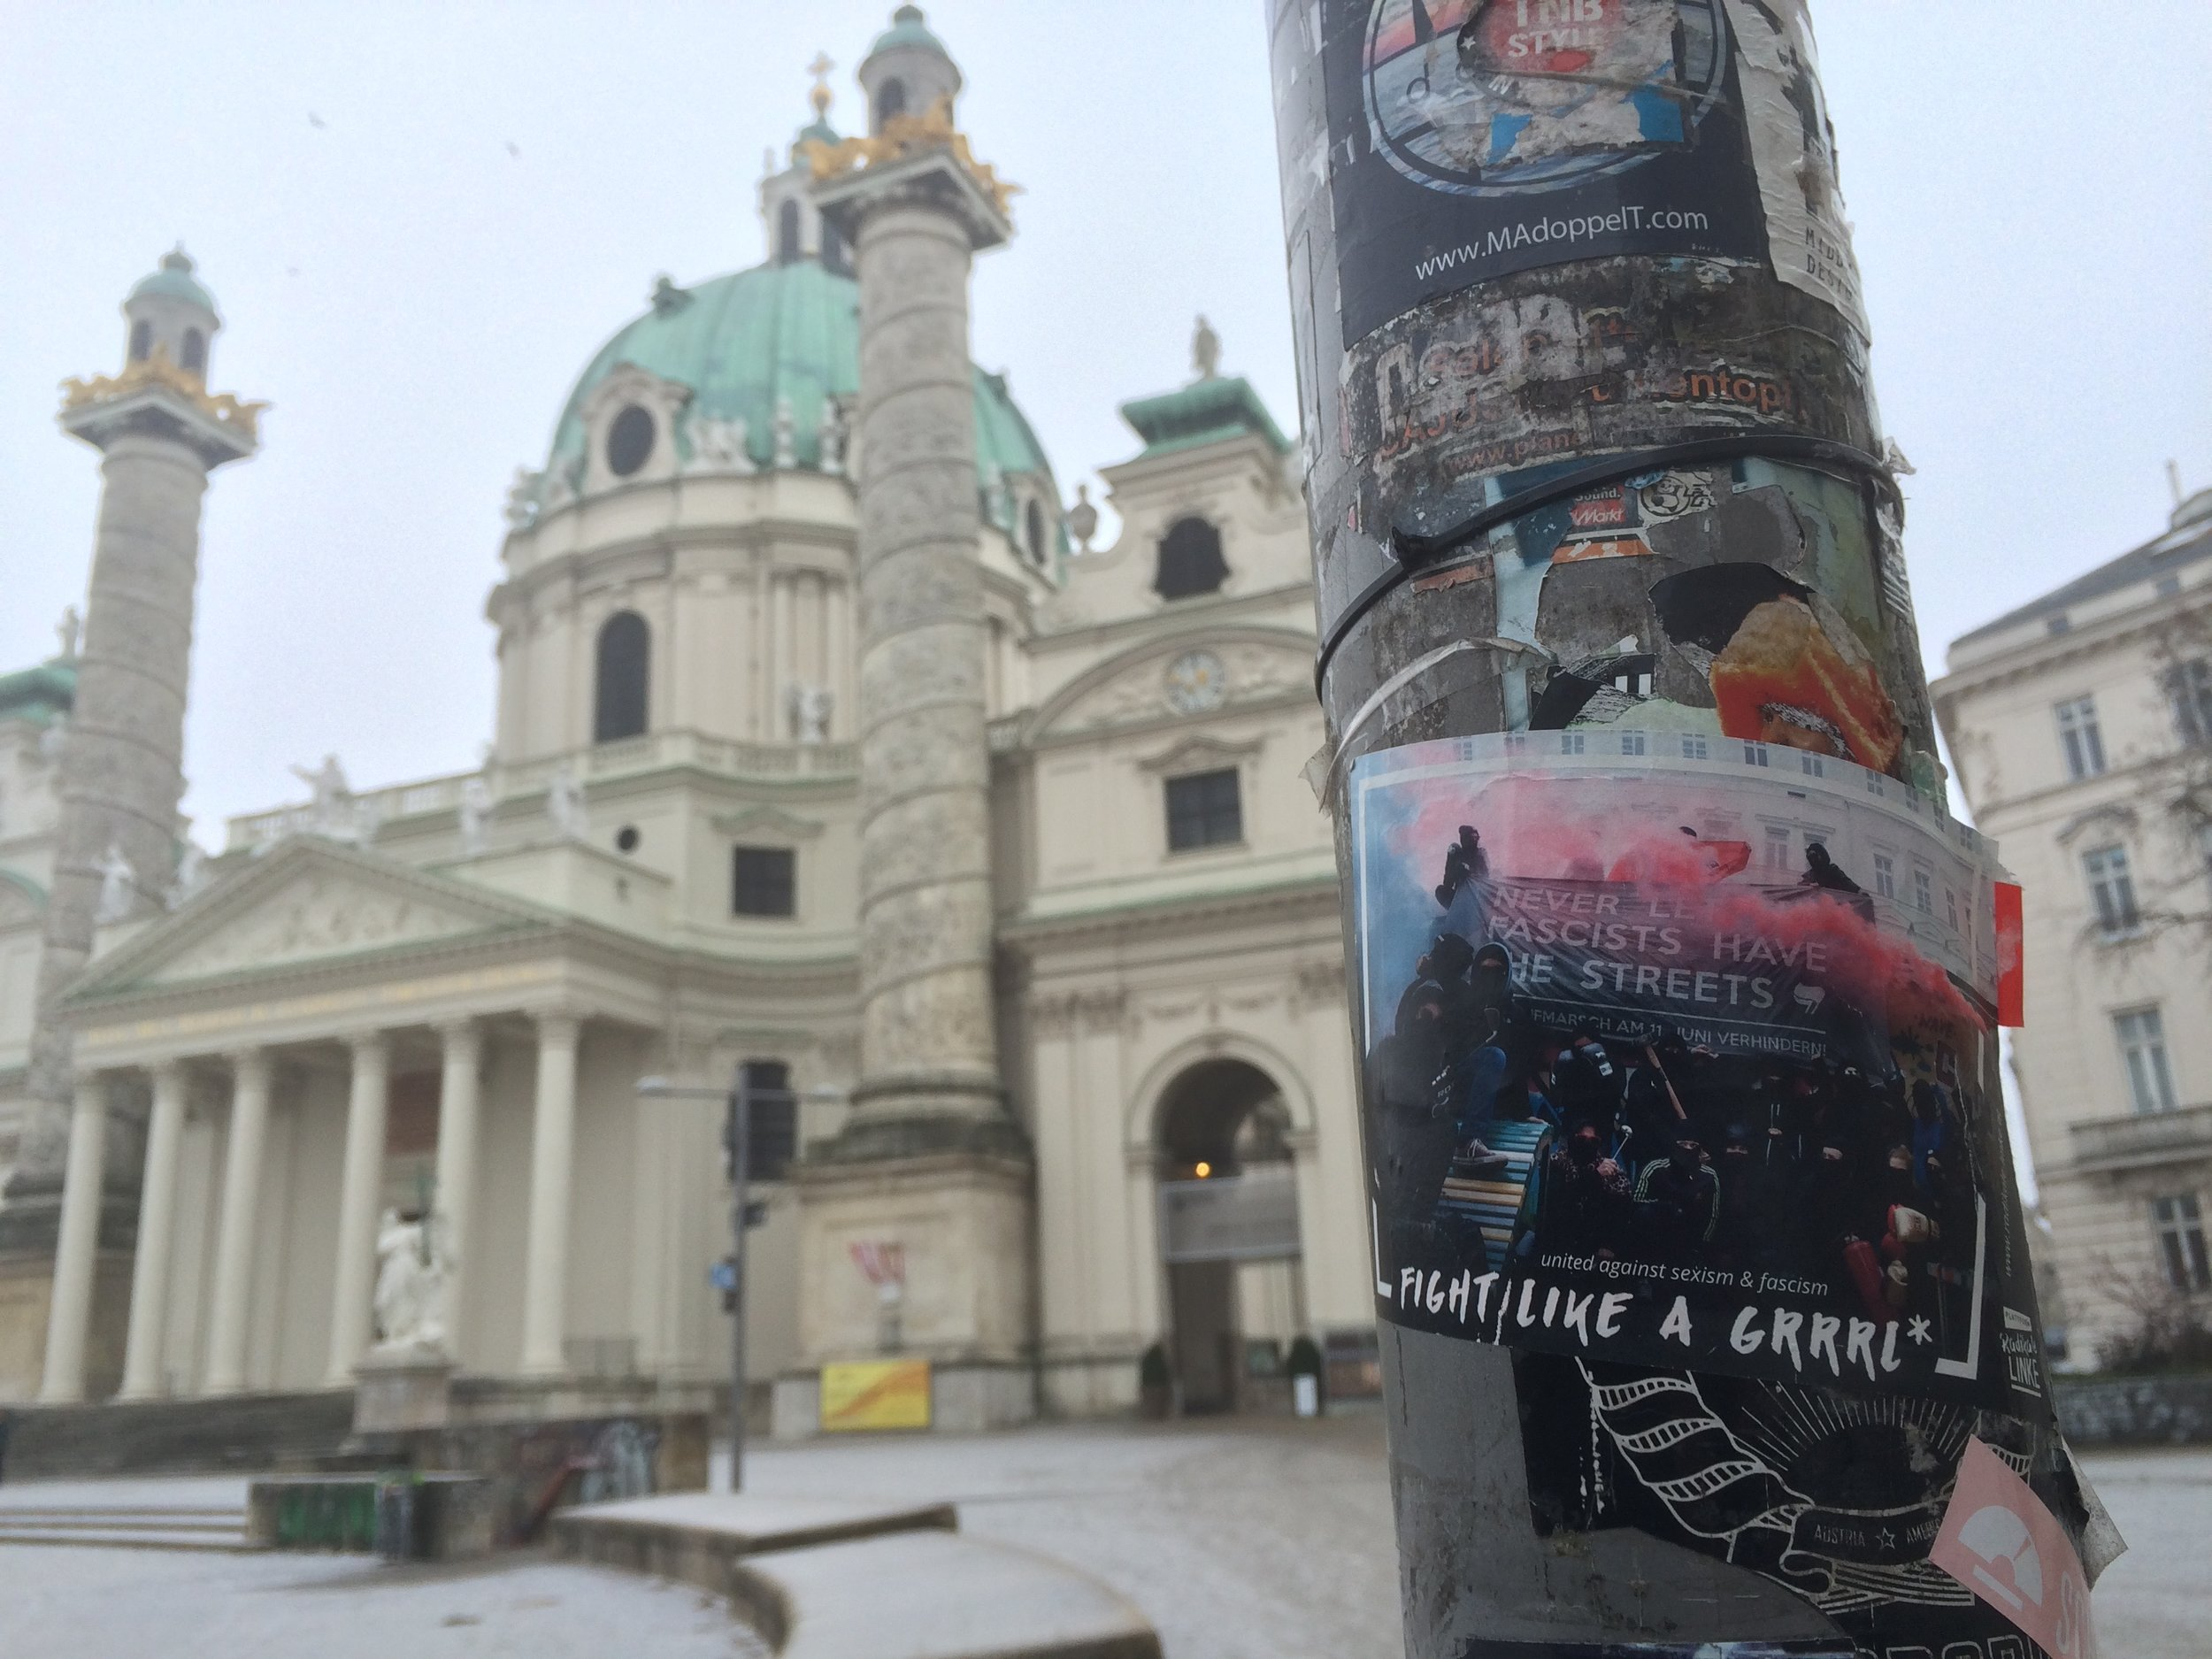 Antifascist sticker in Karlsplatz, the structure in the background is St. Charle's church.